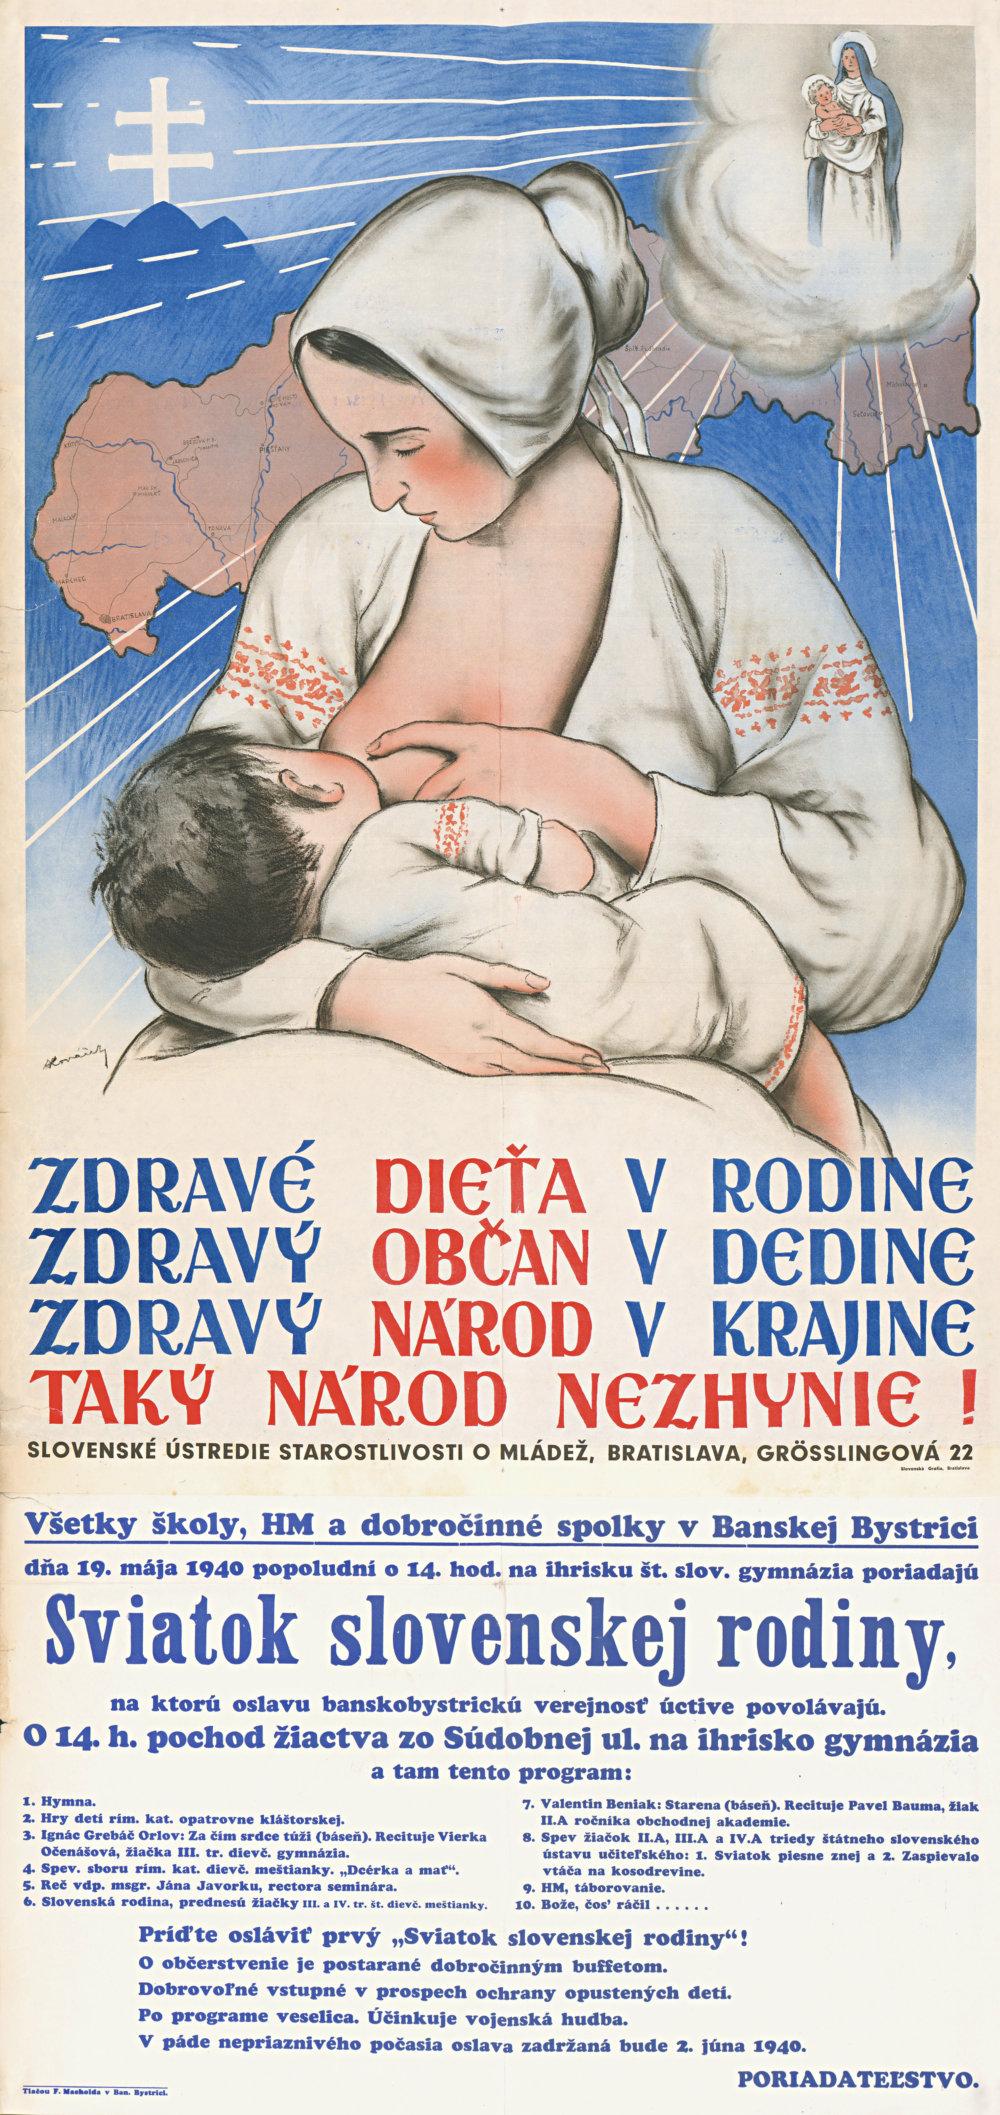 Zdravé dieťa vrodine... (autor: Andrej Kováčik). 1940. Plagát. Štátny archív vBanskej Bystrici, Banská Bystrica